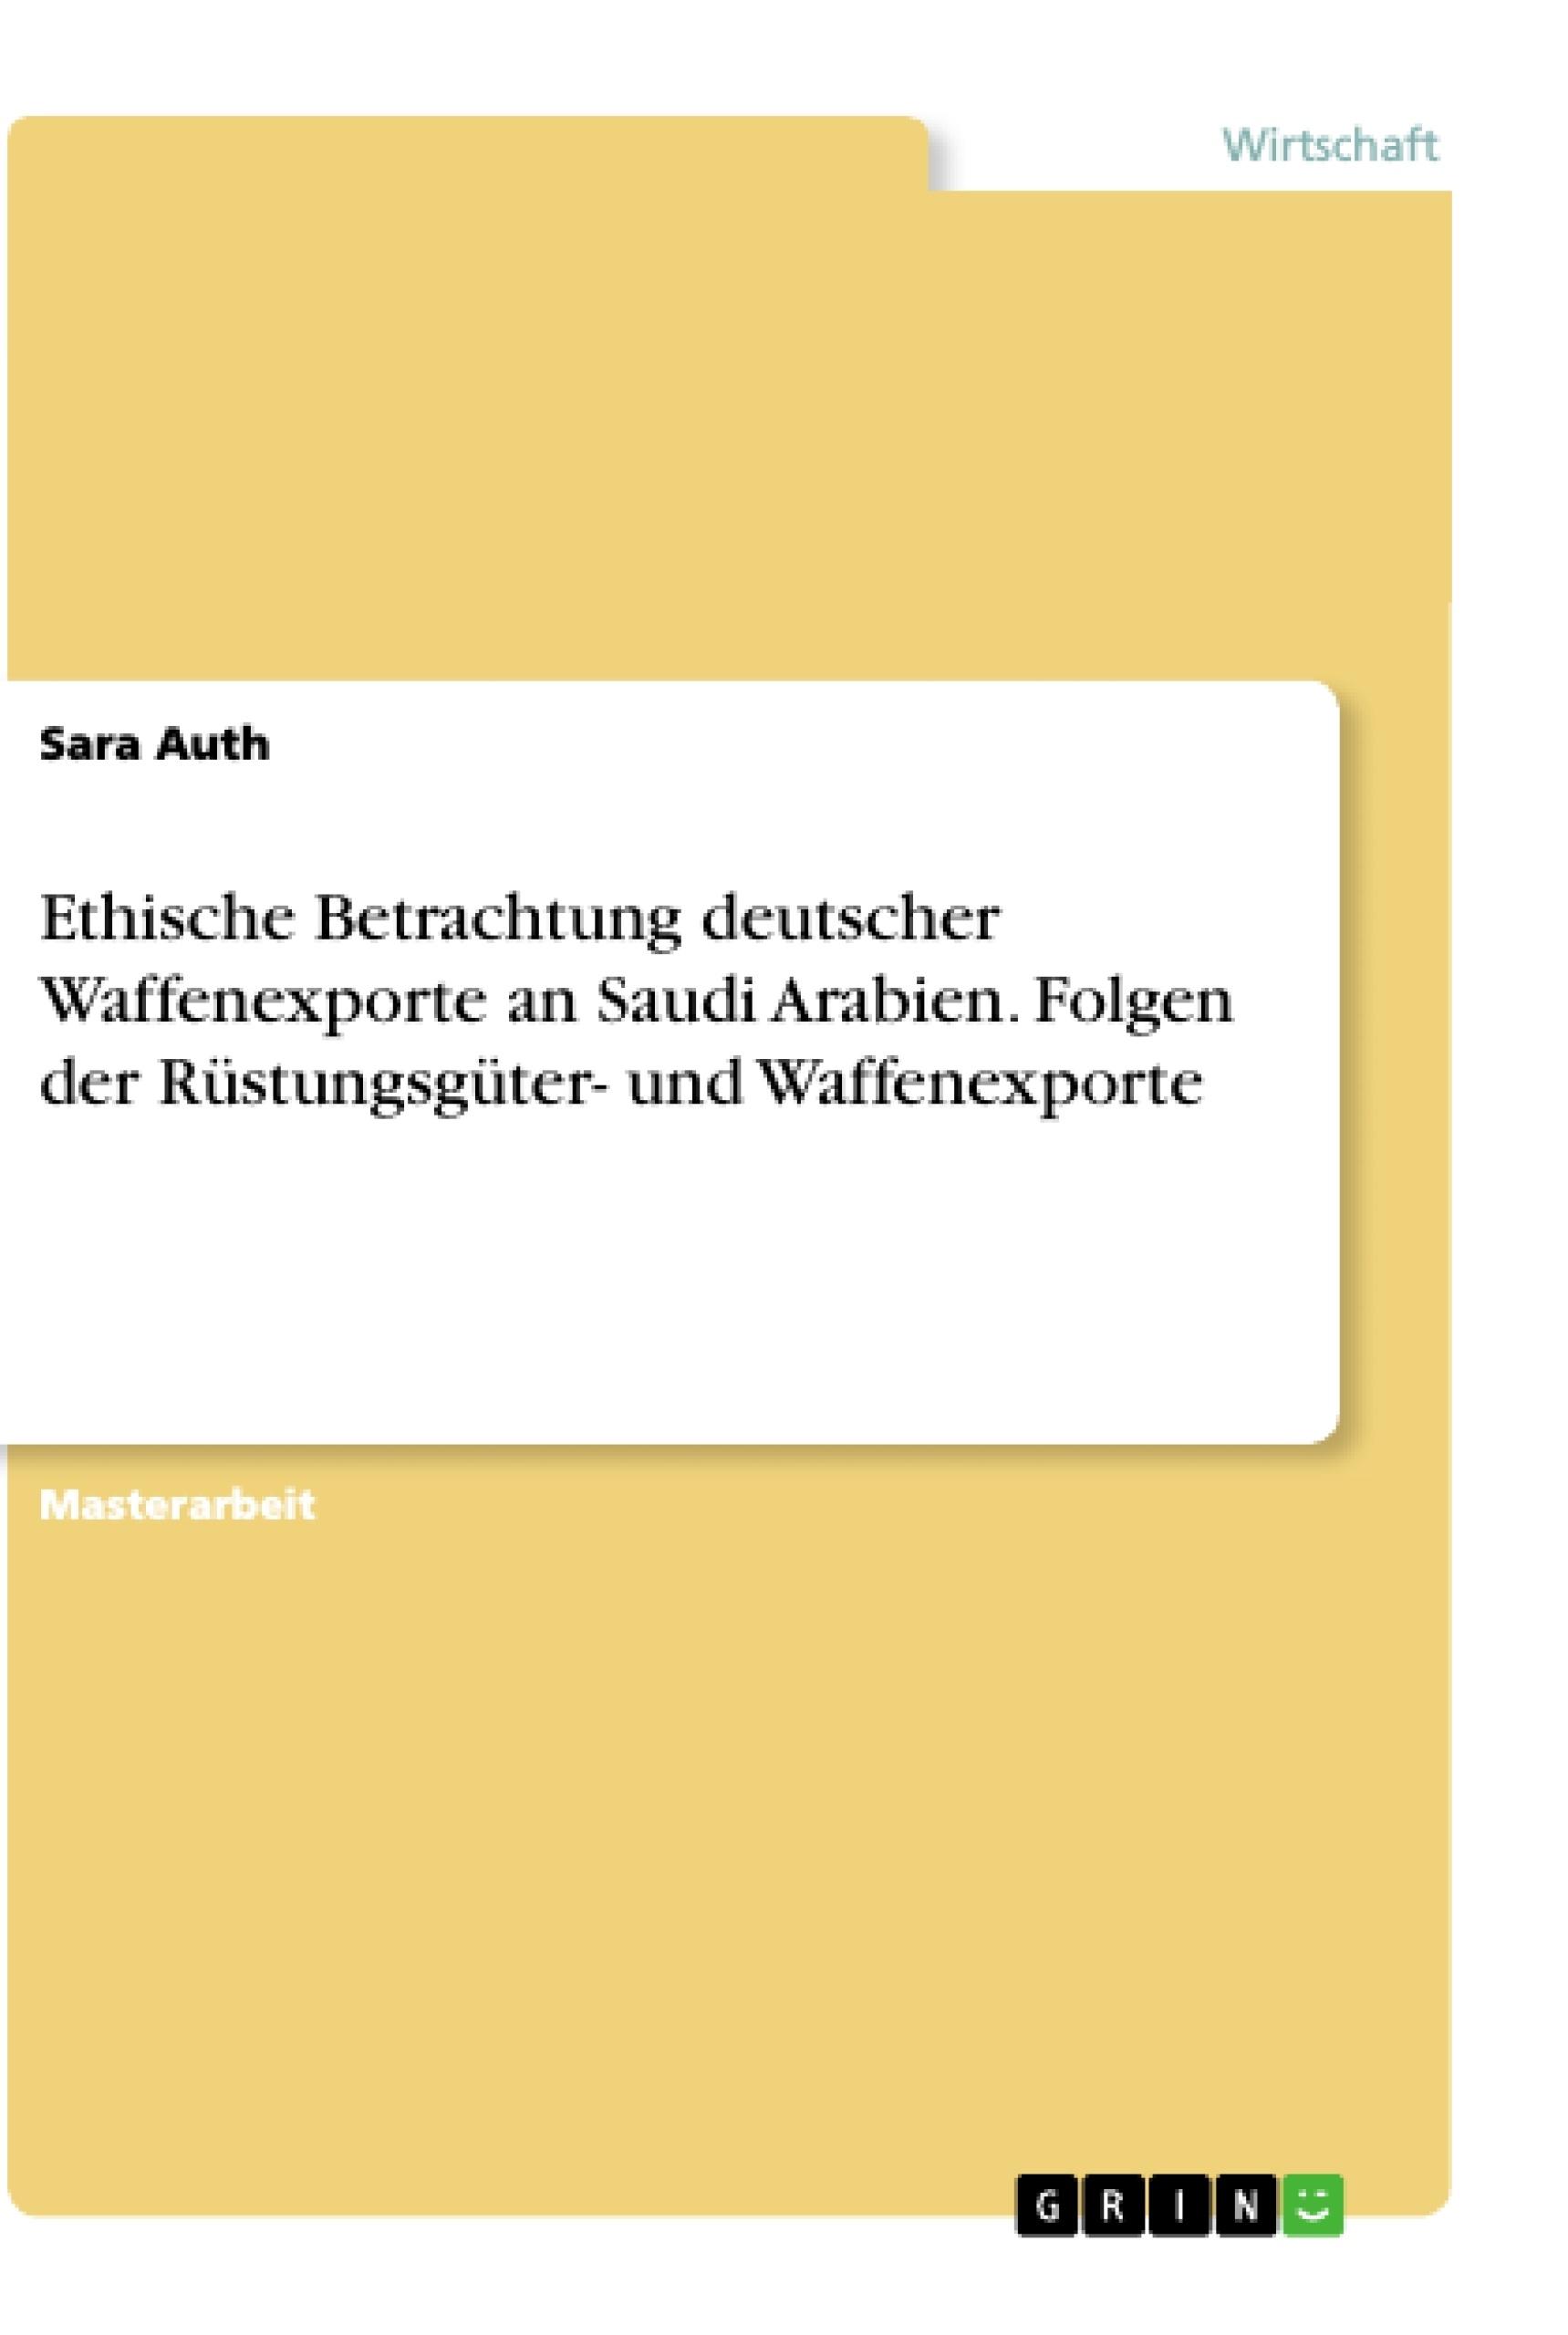 Titel: Ethische Betrachtung deutscher Waffenexporte an Saudi Arabien. Folgen der Rüstungsgüter- und Waffenexporte